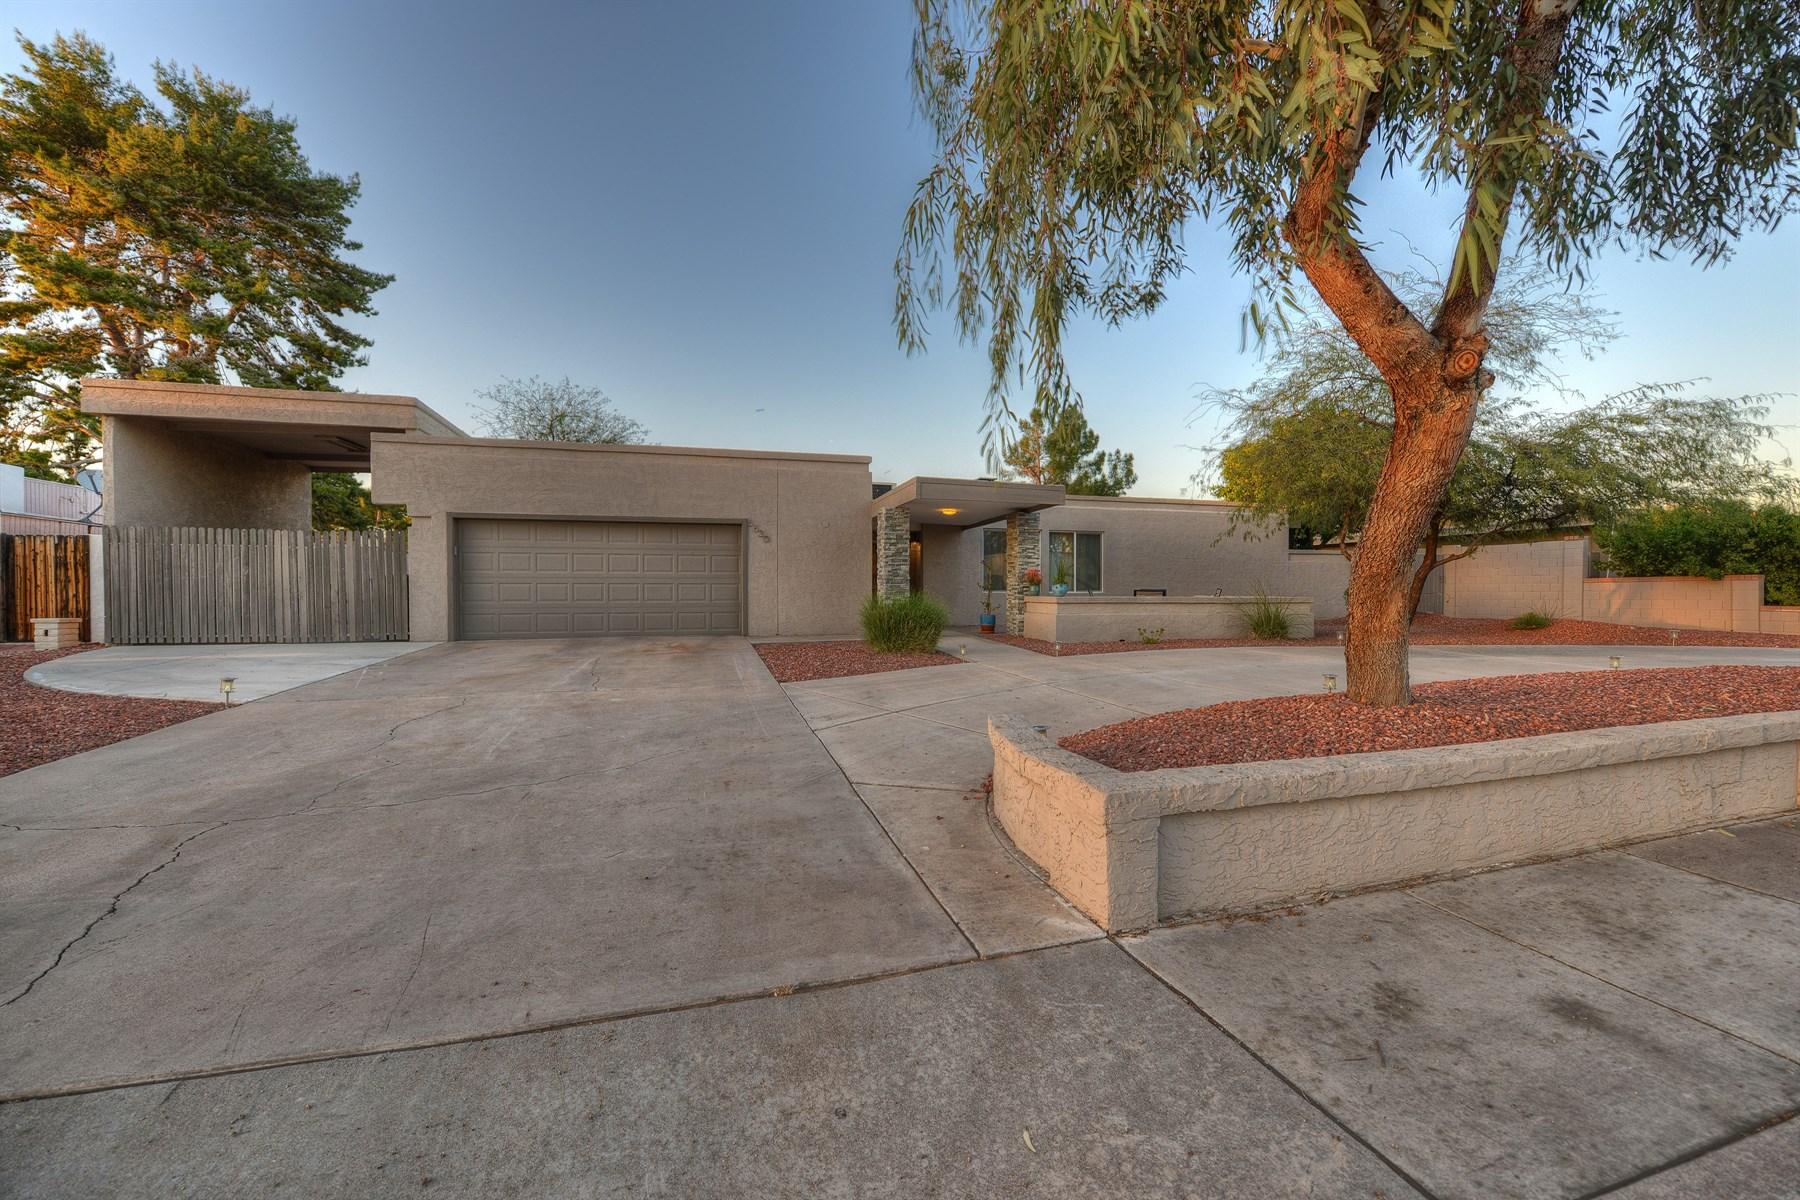 단독 가정 주택 용 매매 에 Stunning contemporary remodel in Raskin Estates 6630 E Sweetwater Ave Scottsdale, 아리조나 85254 미국